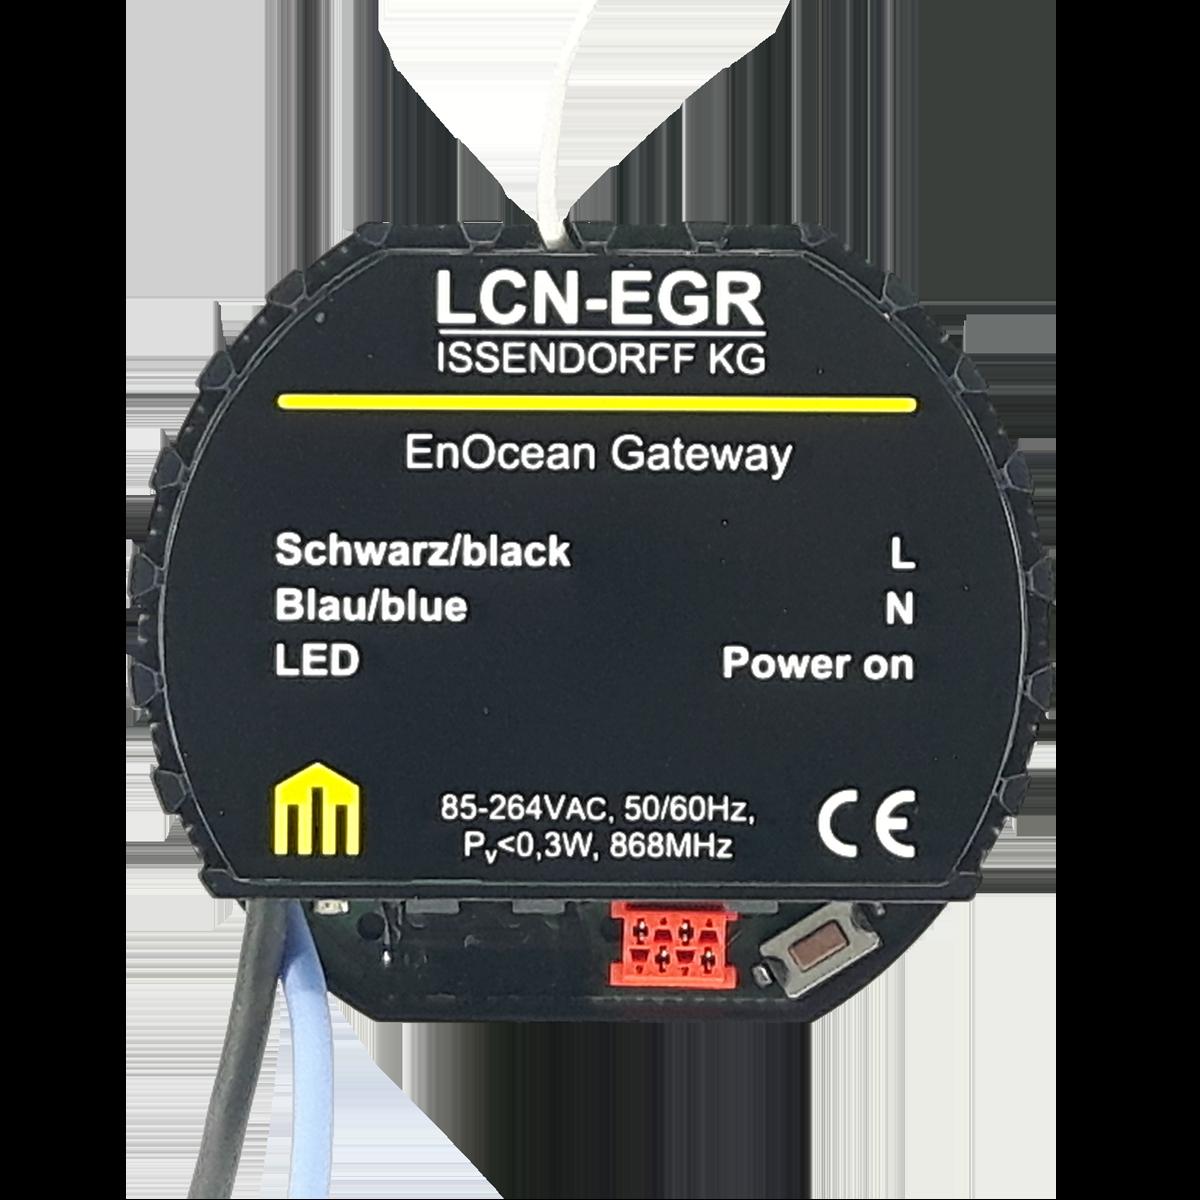 LCN-EGR